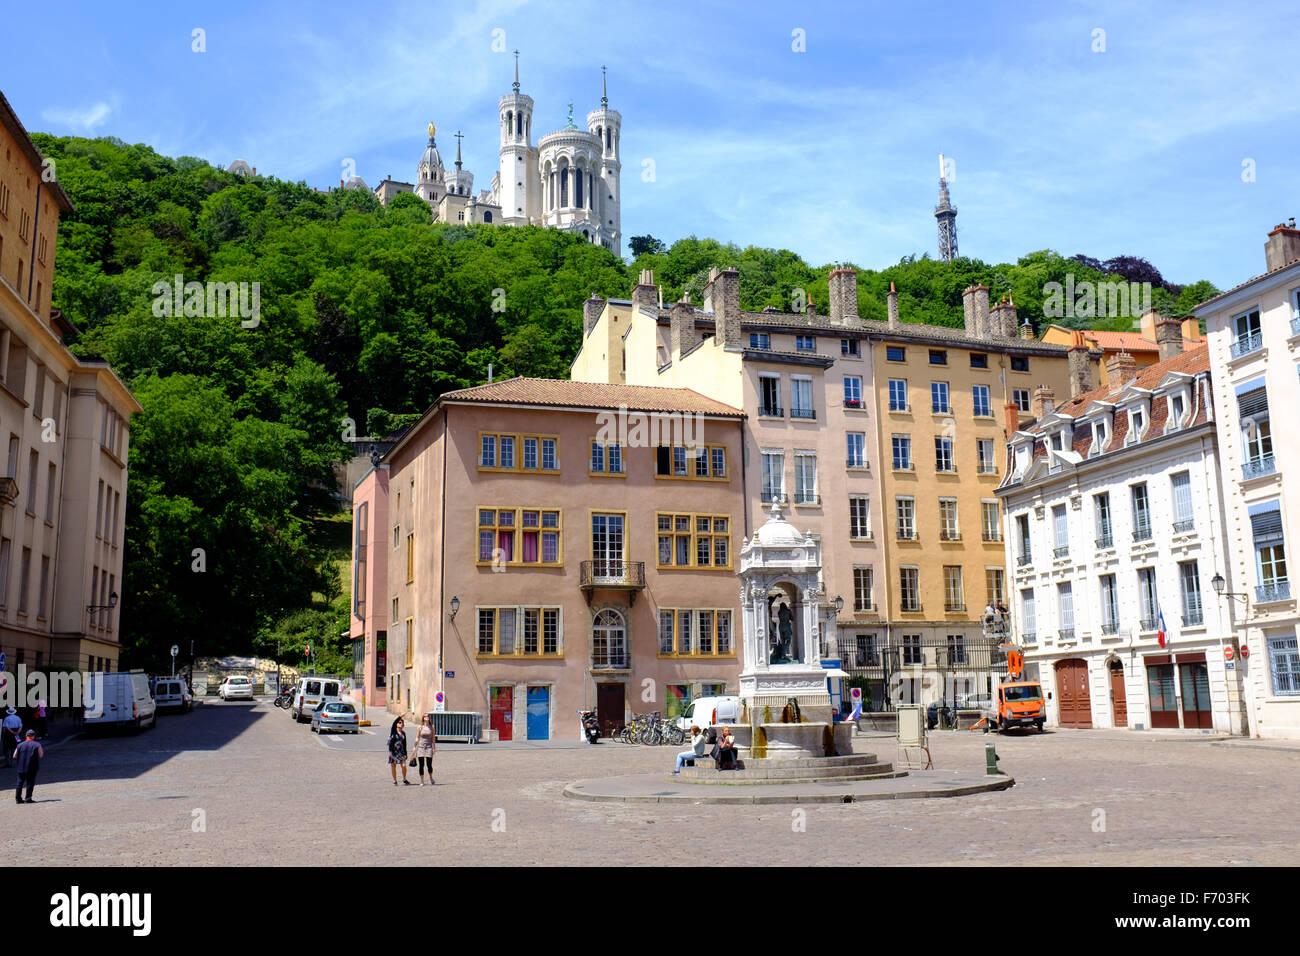 Place Saint Jean with Basilique Notre Dame de Fourviere above in Vieux Lyon, France - Stock Image